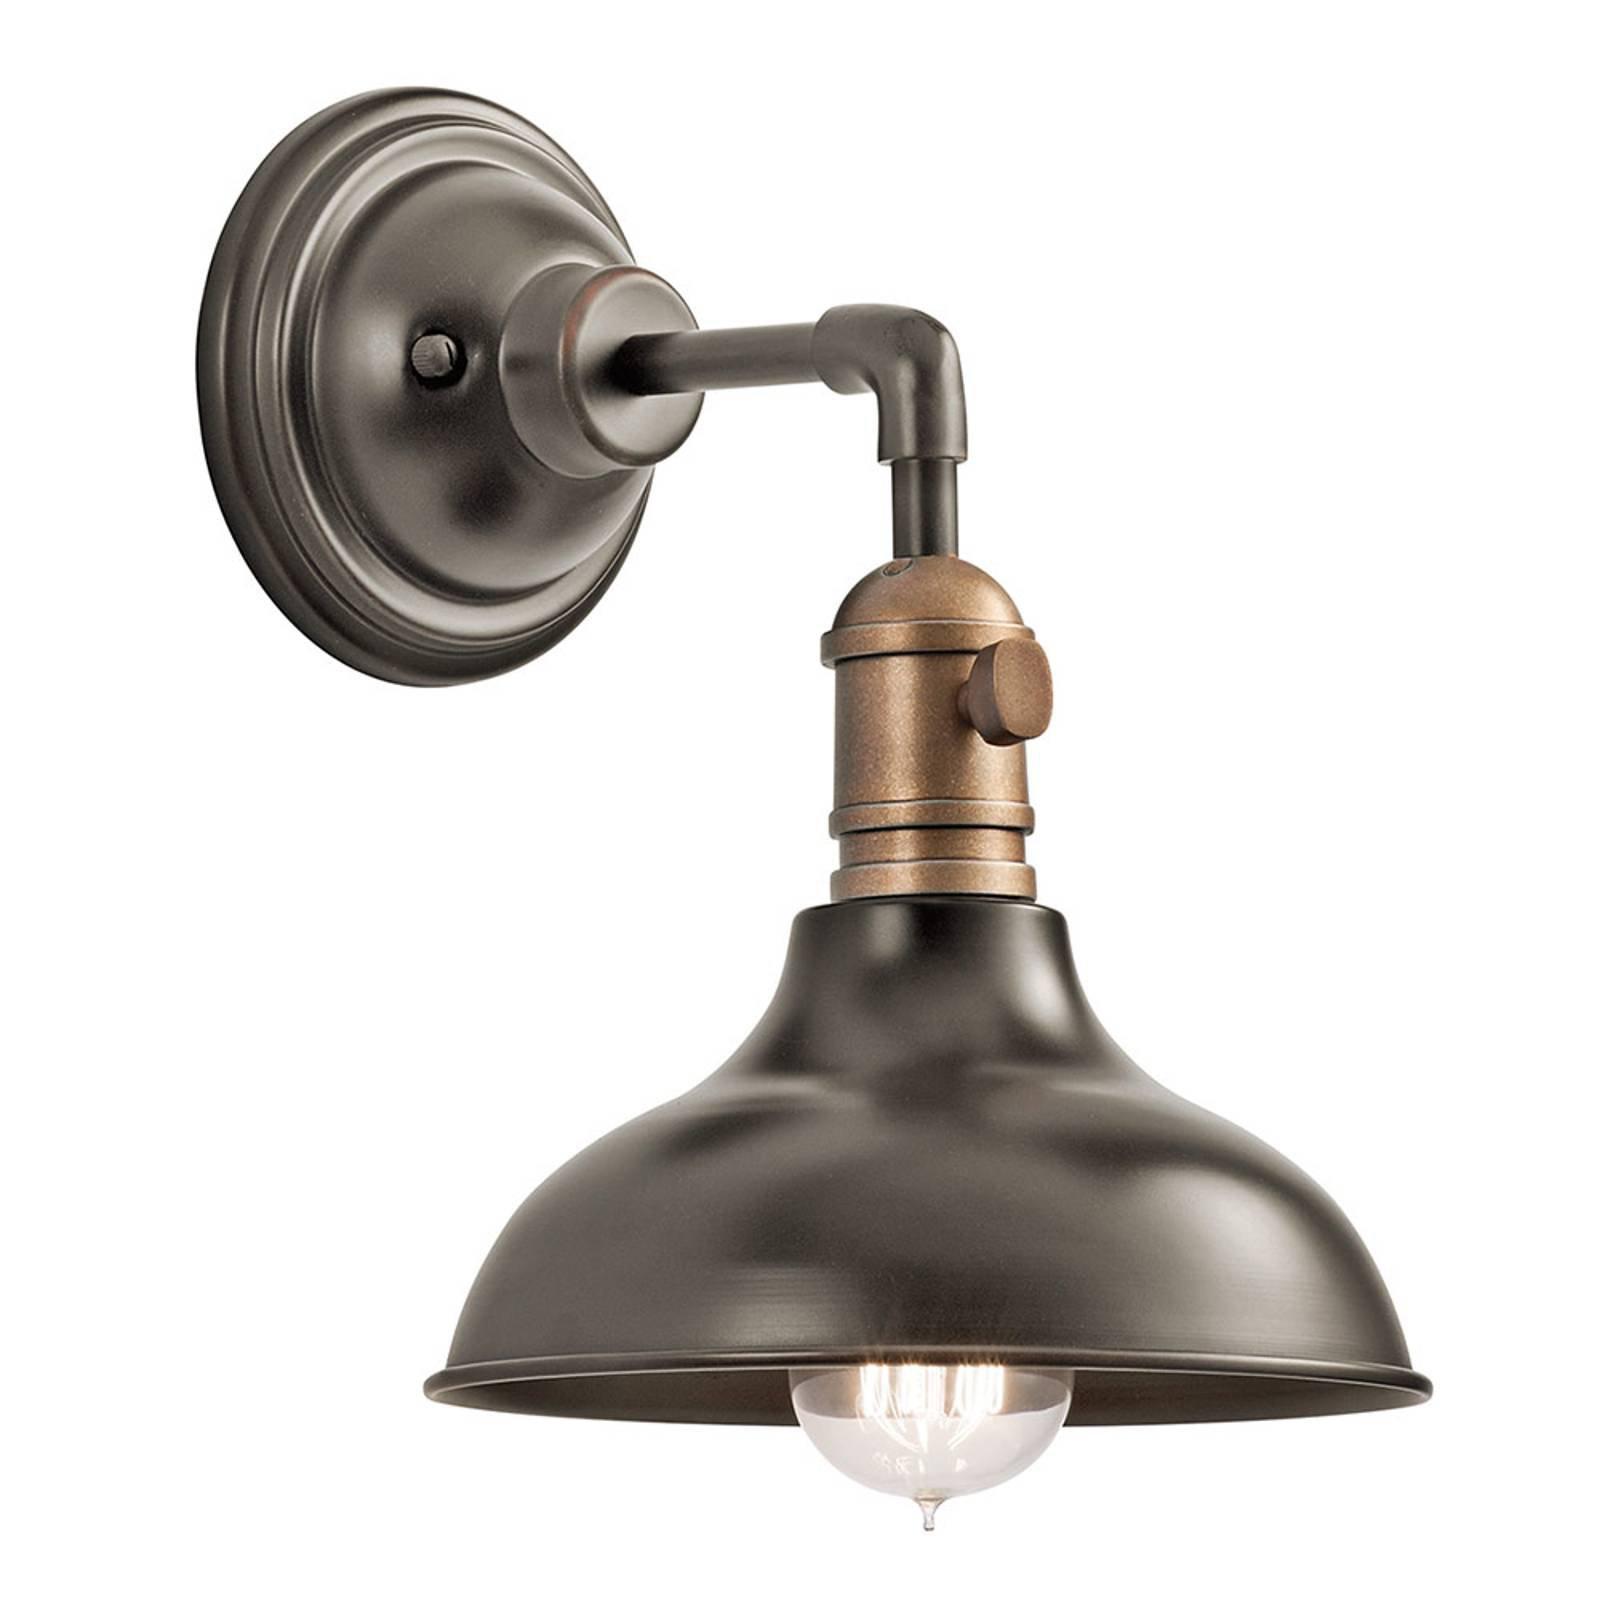 Vegglampe Cobson1, antikk bronse